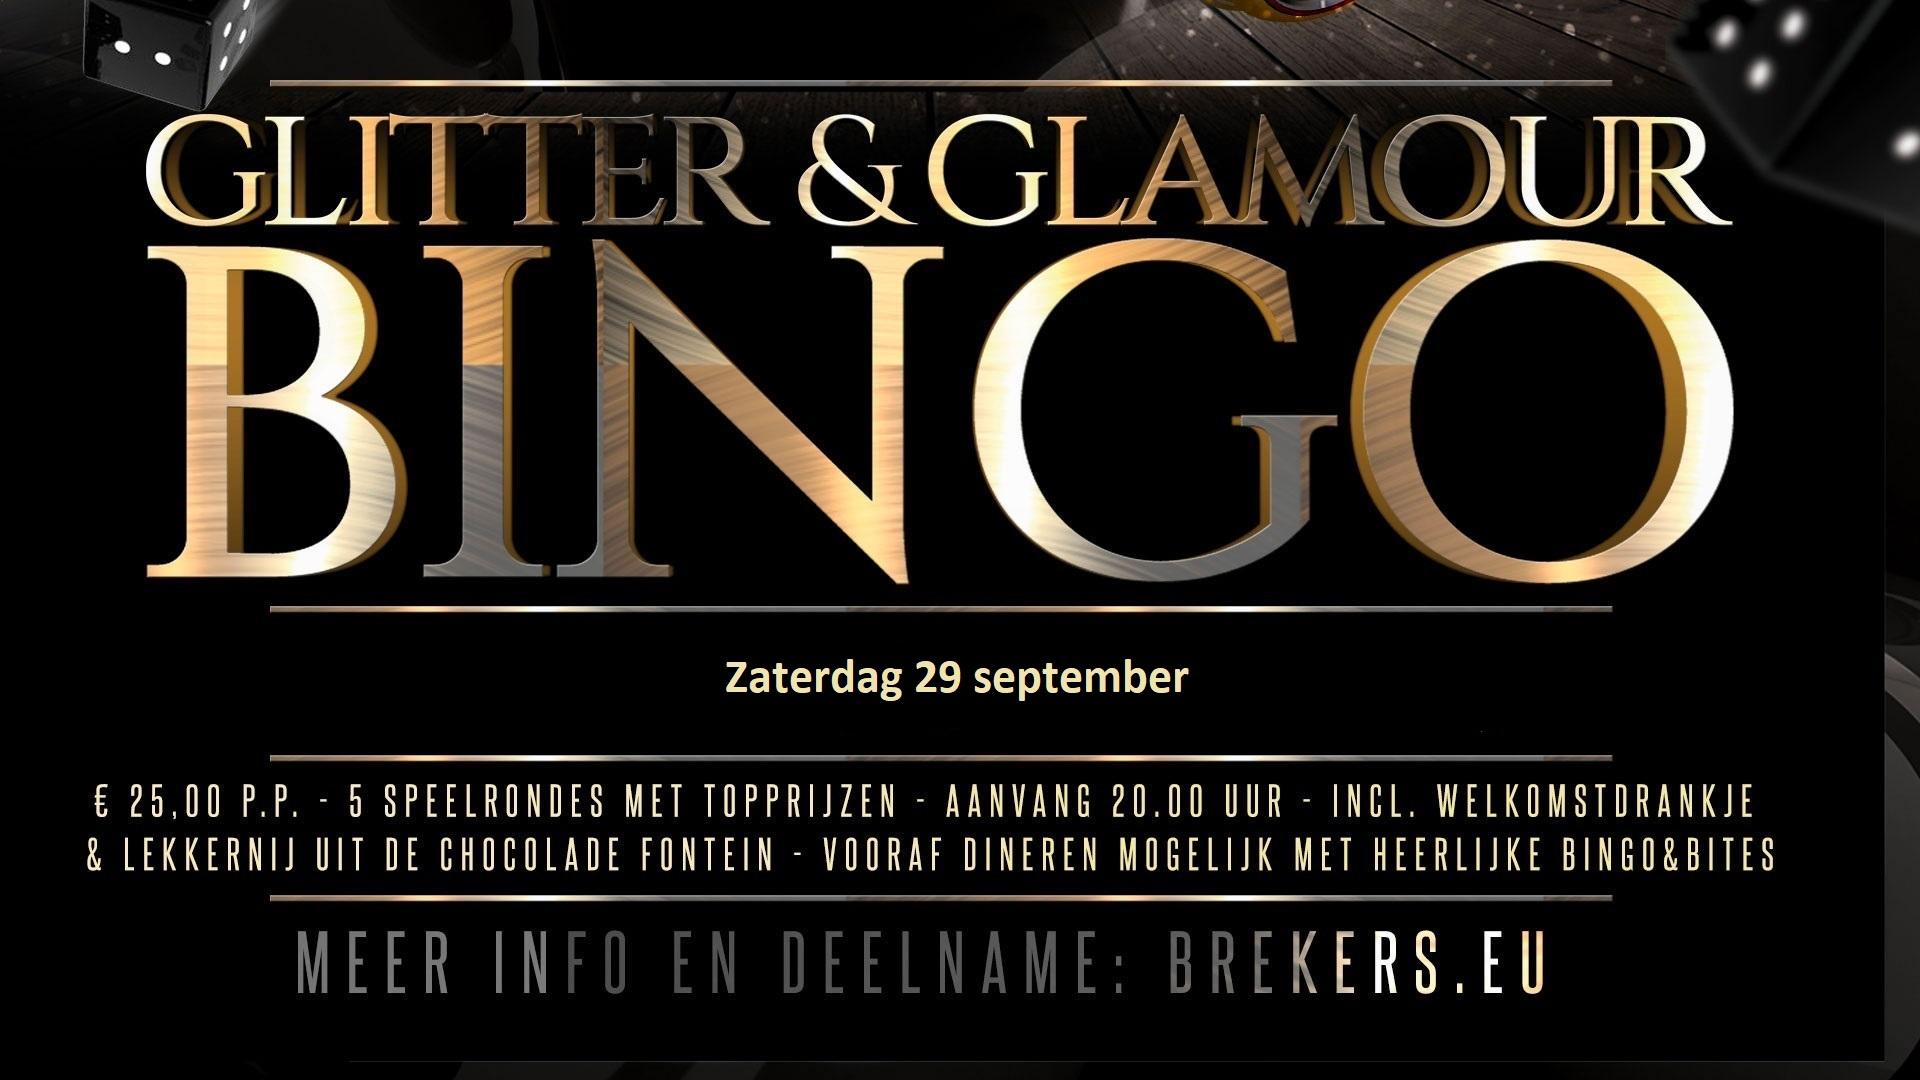 Glitter & Glamour Bingo 29 september